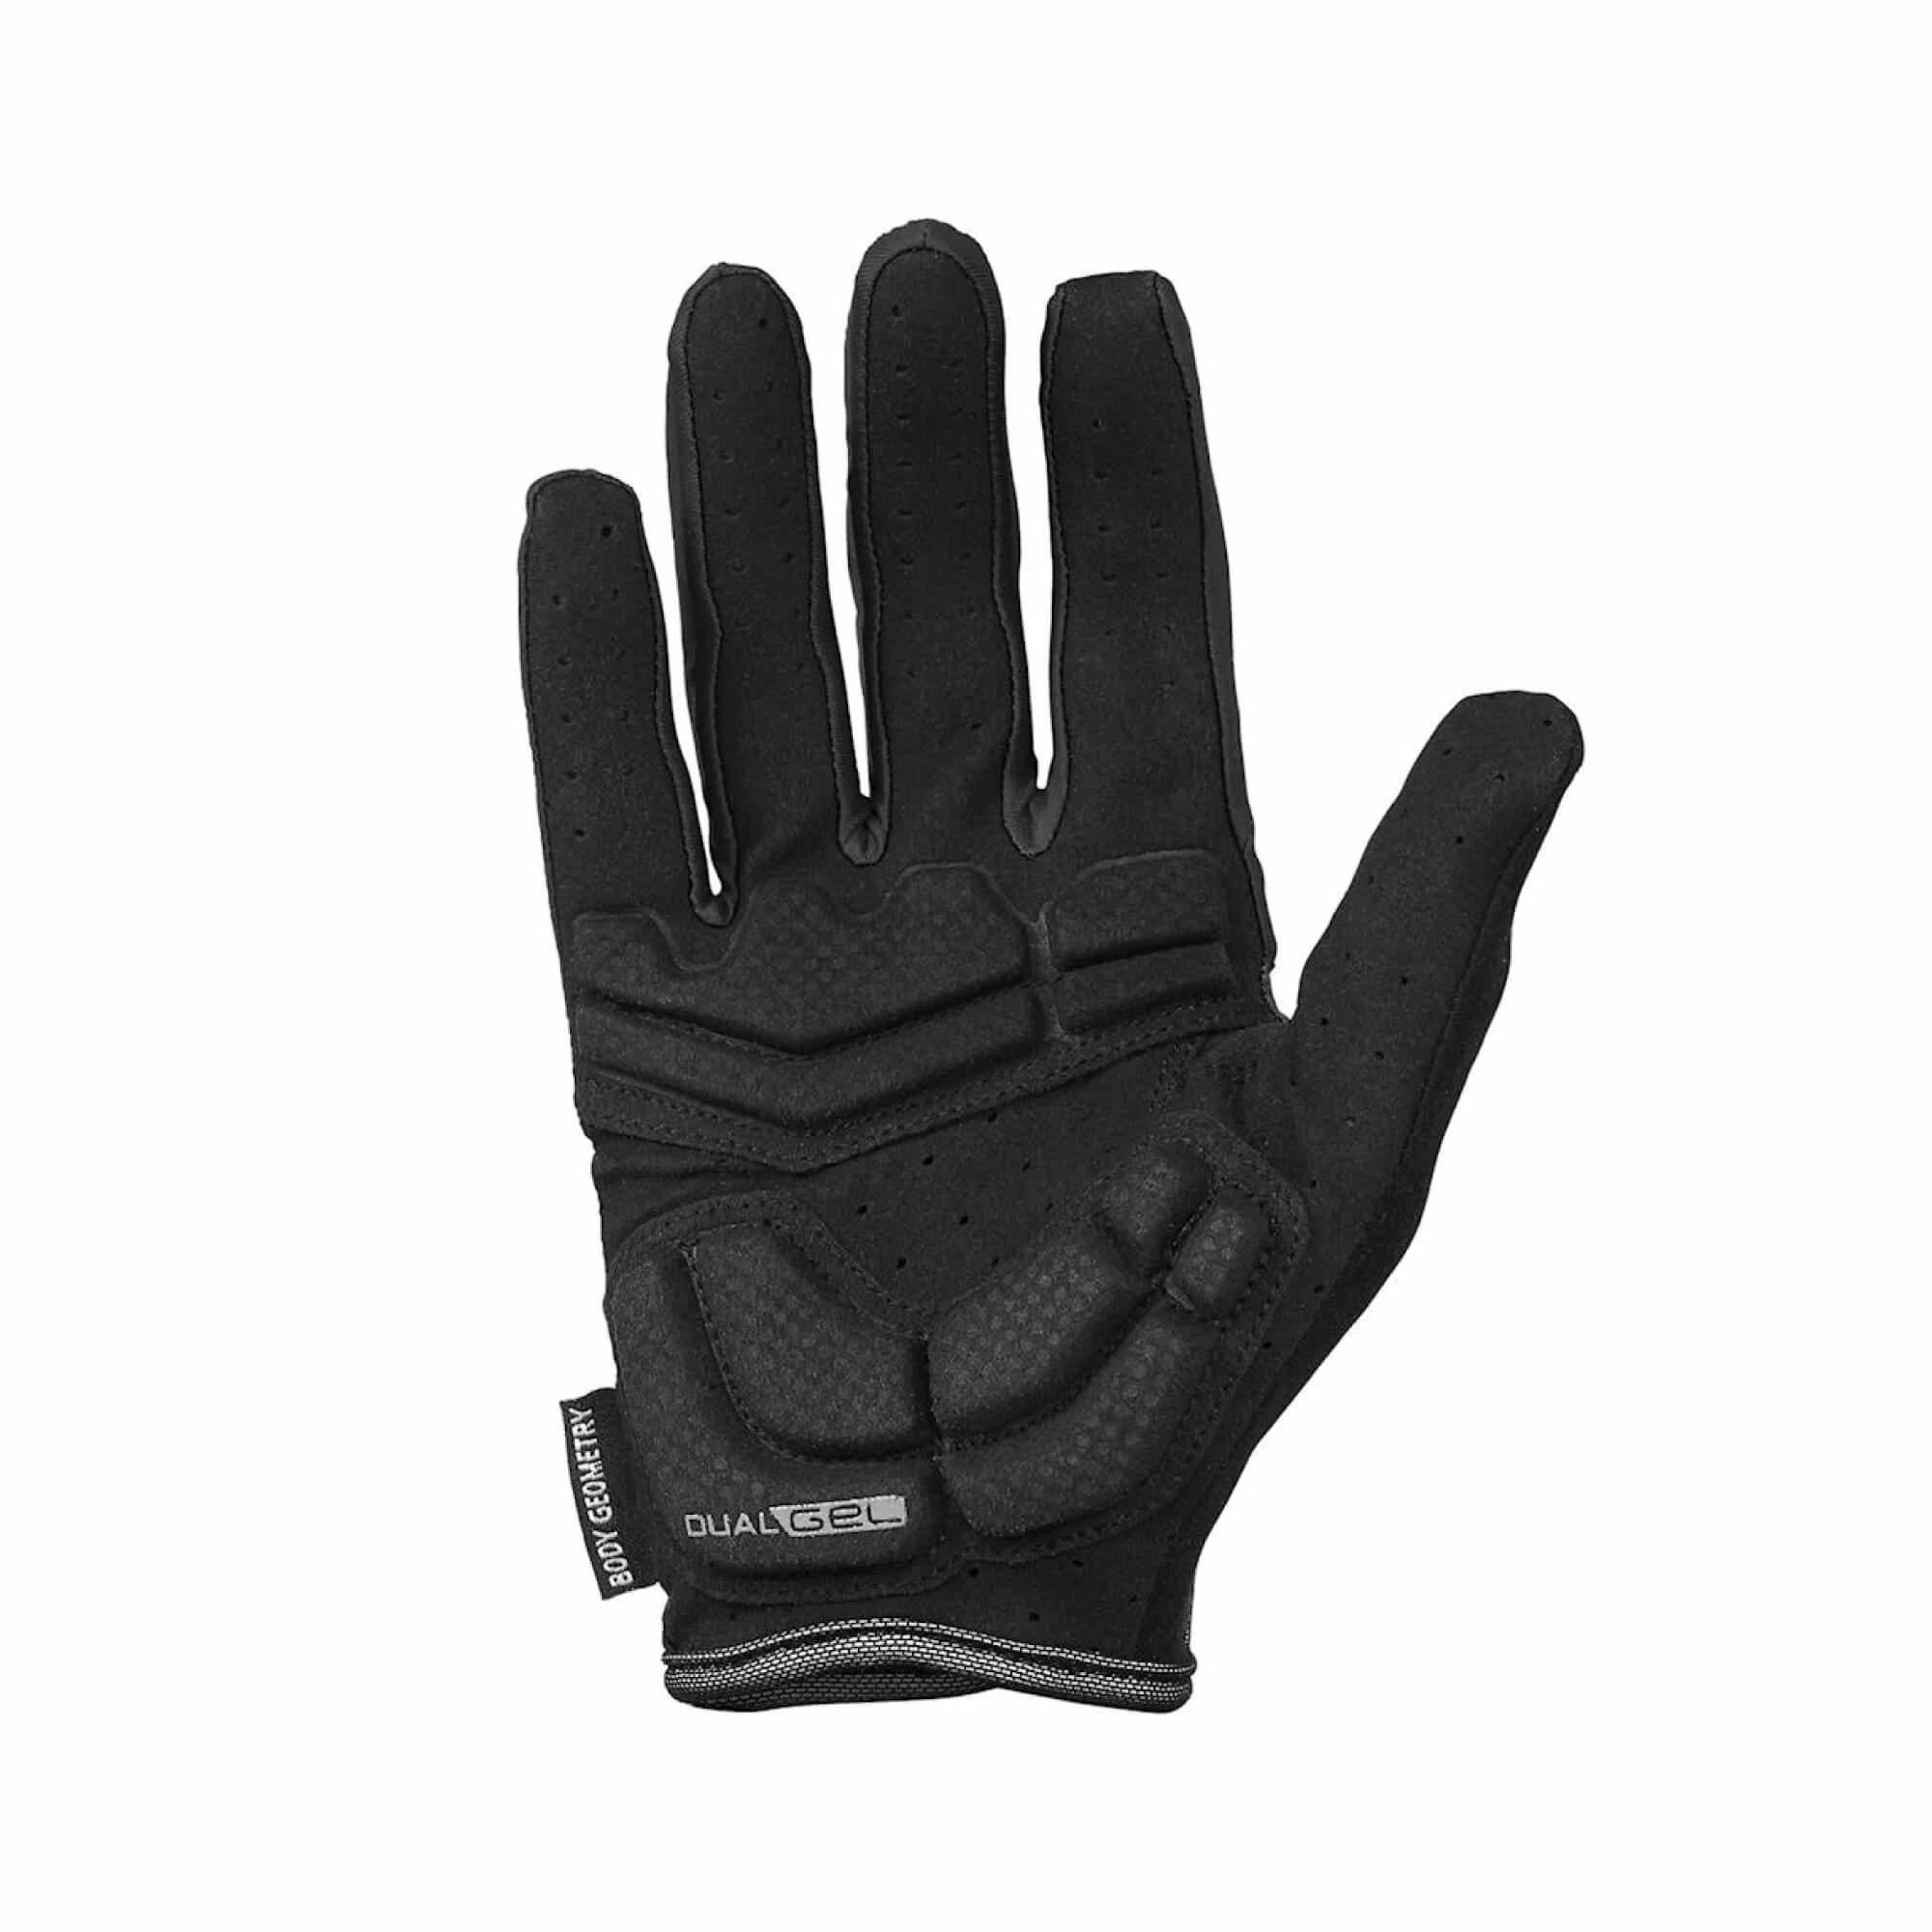 Body Geometry Dual Gel Women's Glove Long Fingers Black-2